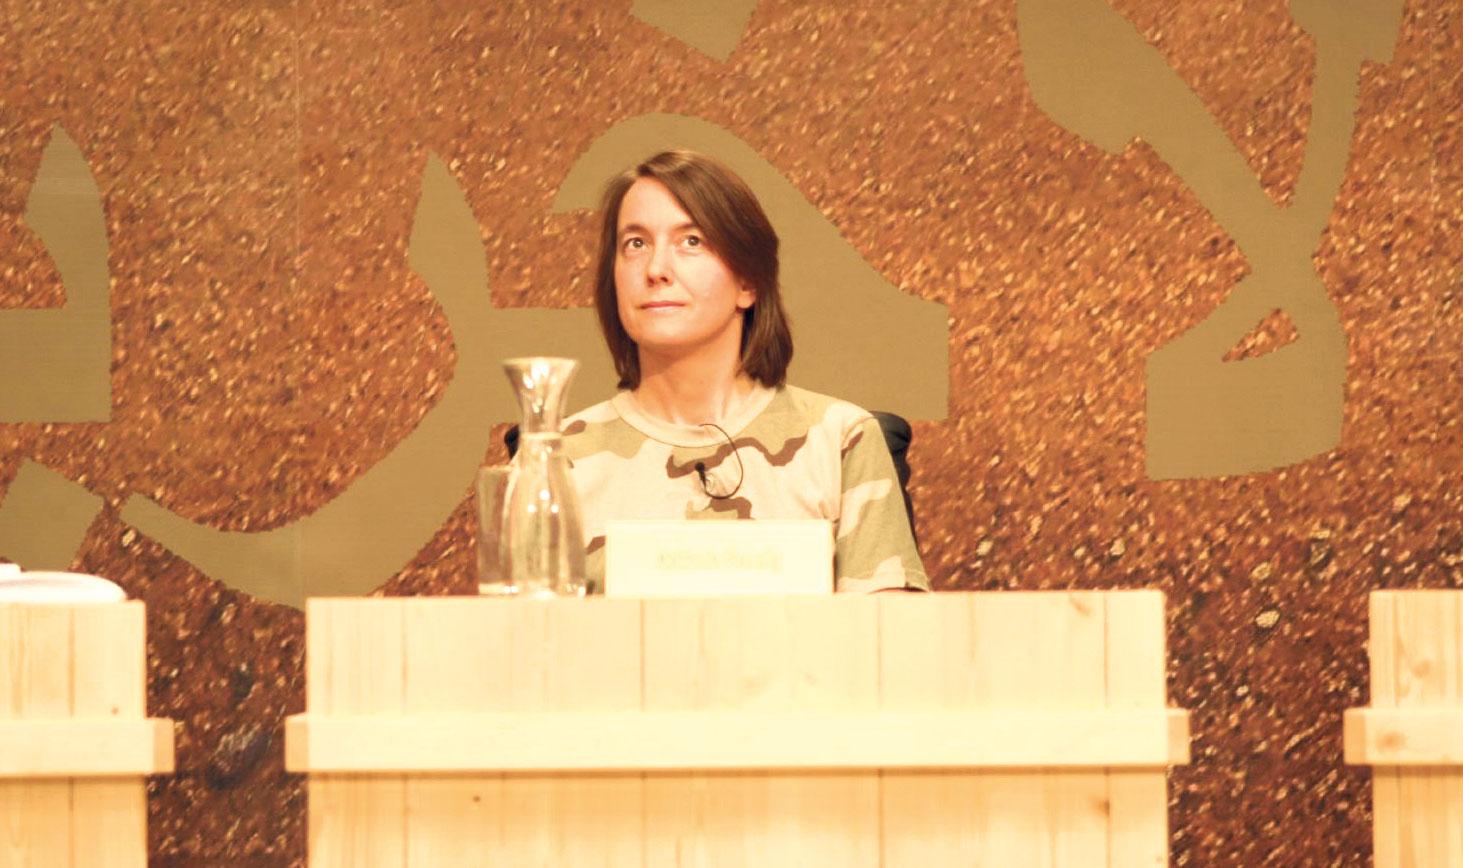 Katrin Passig in Klagenfurt beim Wettlesen um den Ingeborg-Bachmann-Preis